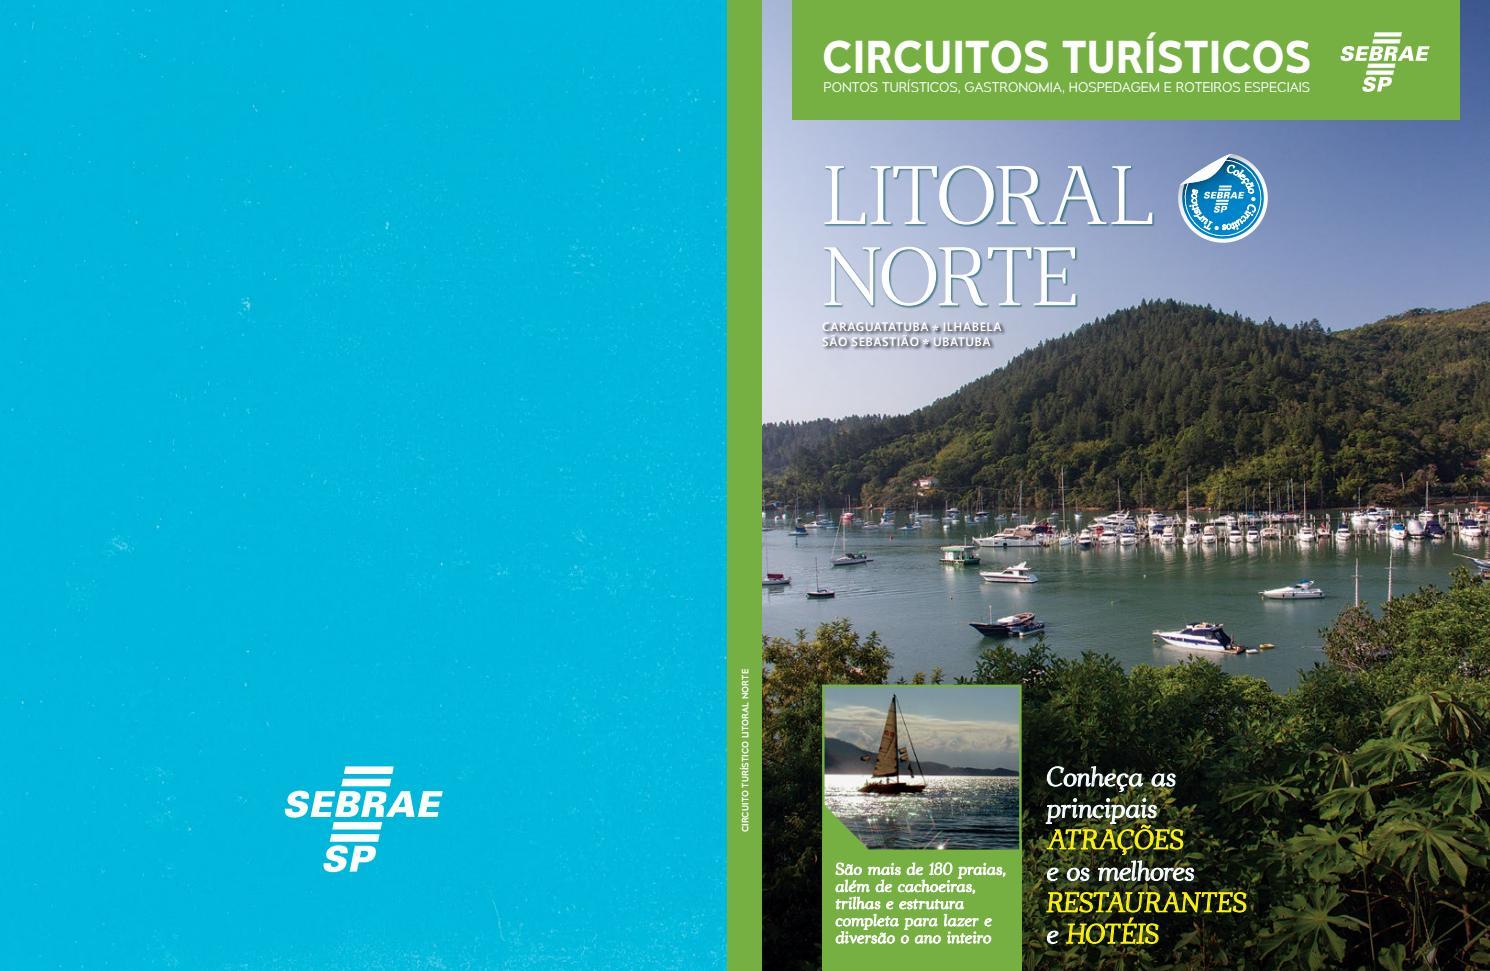 1ee10c9c1 Circuitos Turísticos Sebrae-Sp - Litoral Norte by Sebrae-SP - issuu